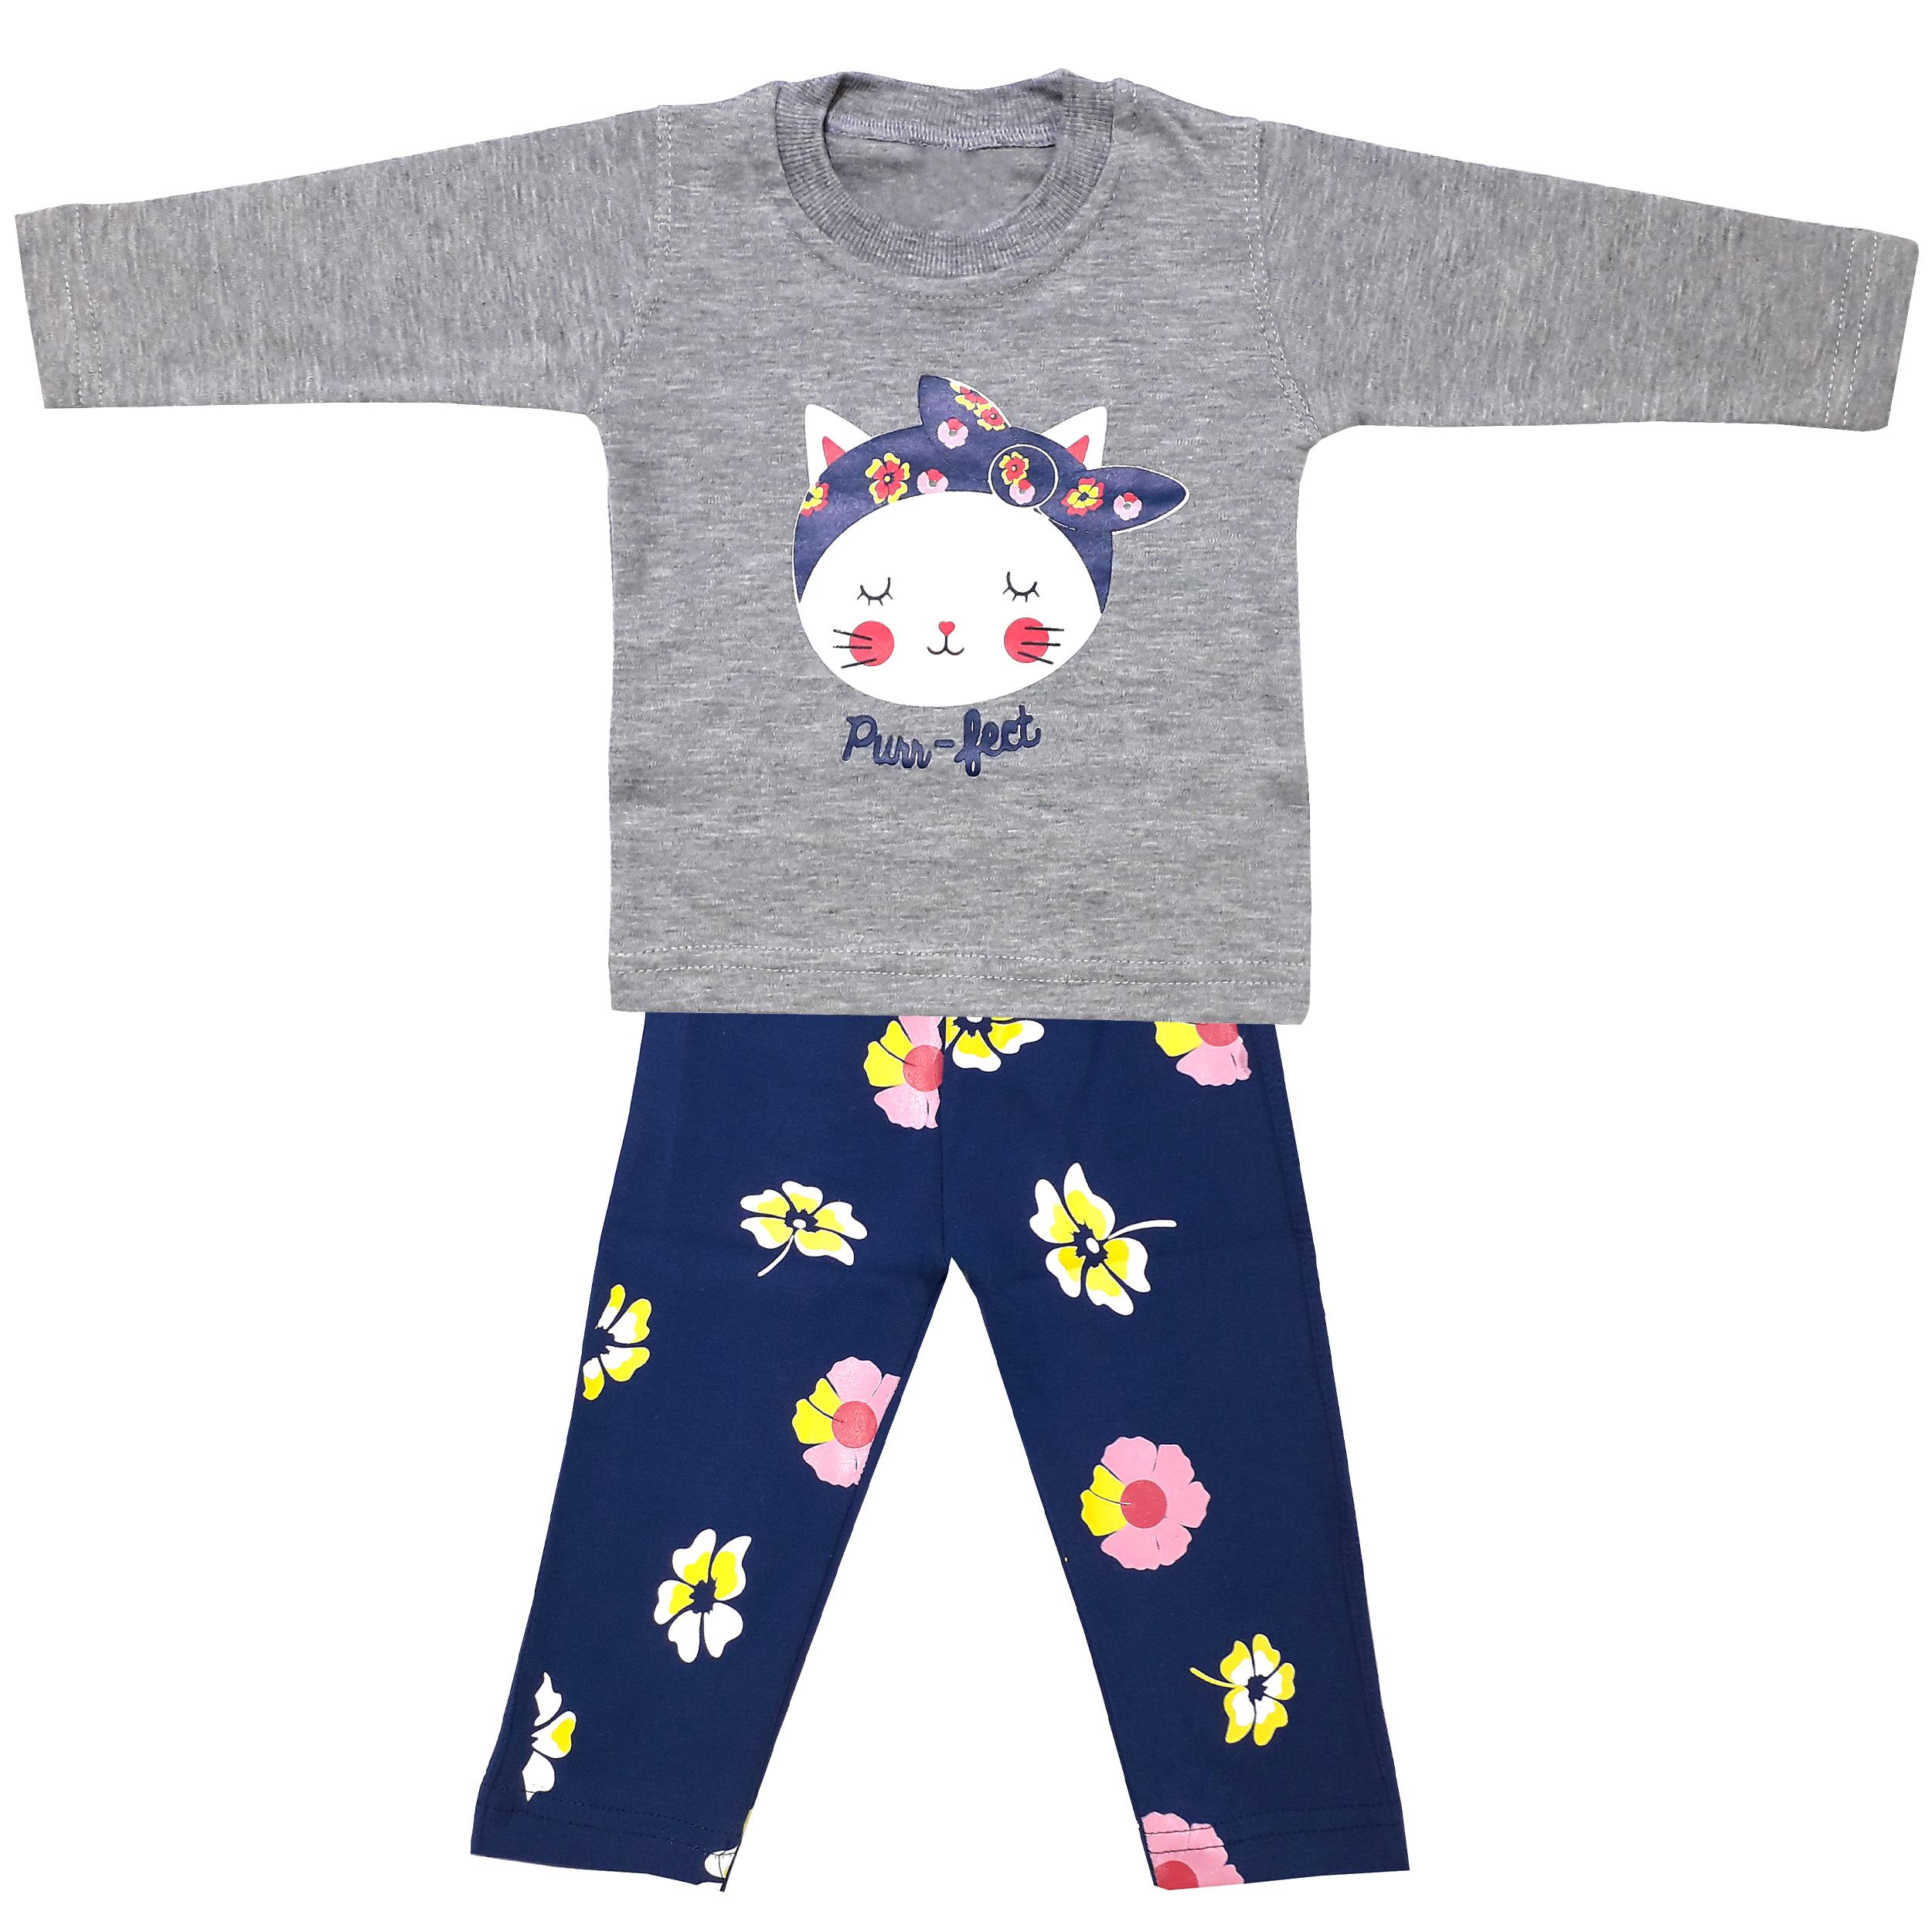 ست تی شرت و شلوار نوزادی دخترانه طرح پیشی کد 3264